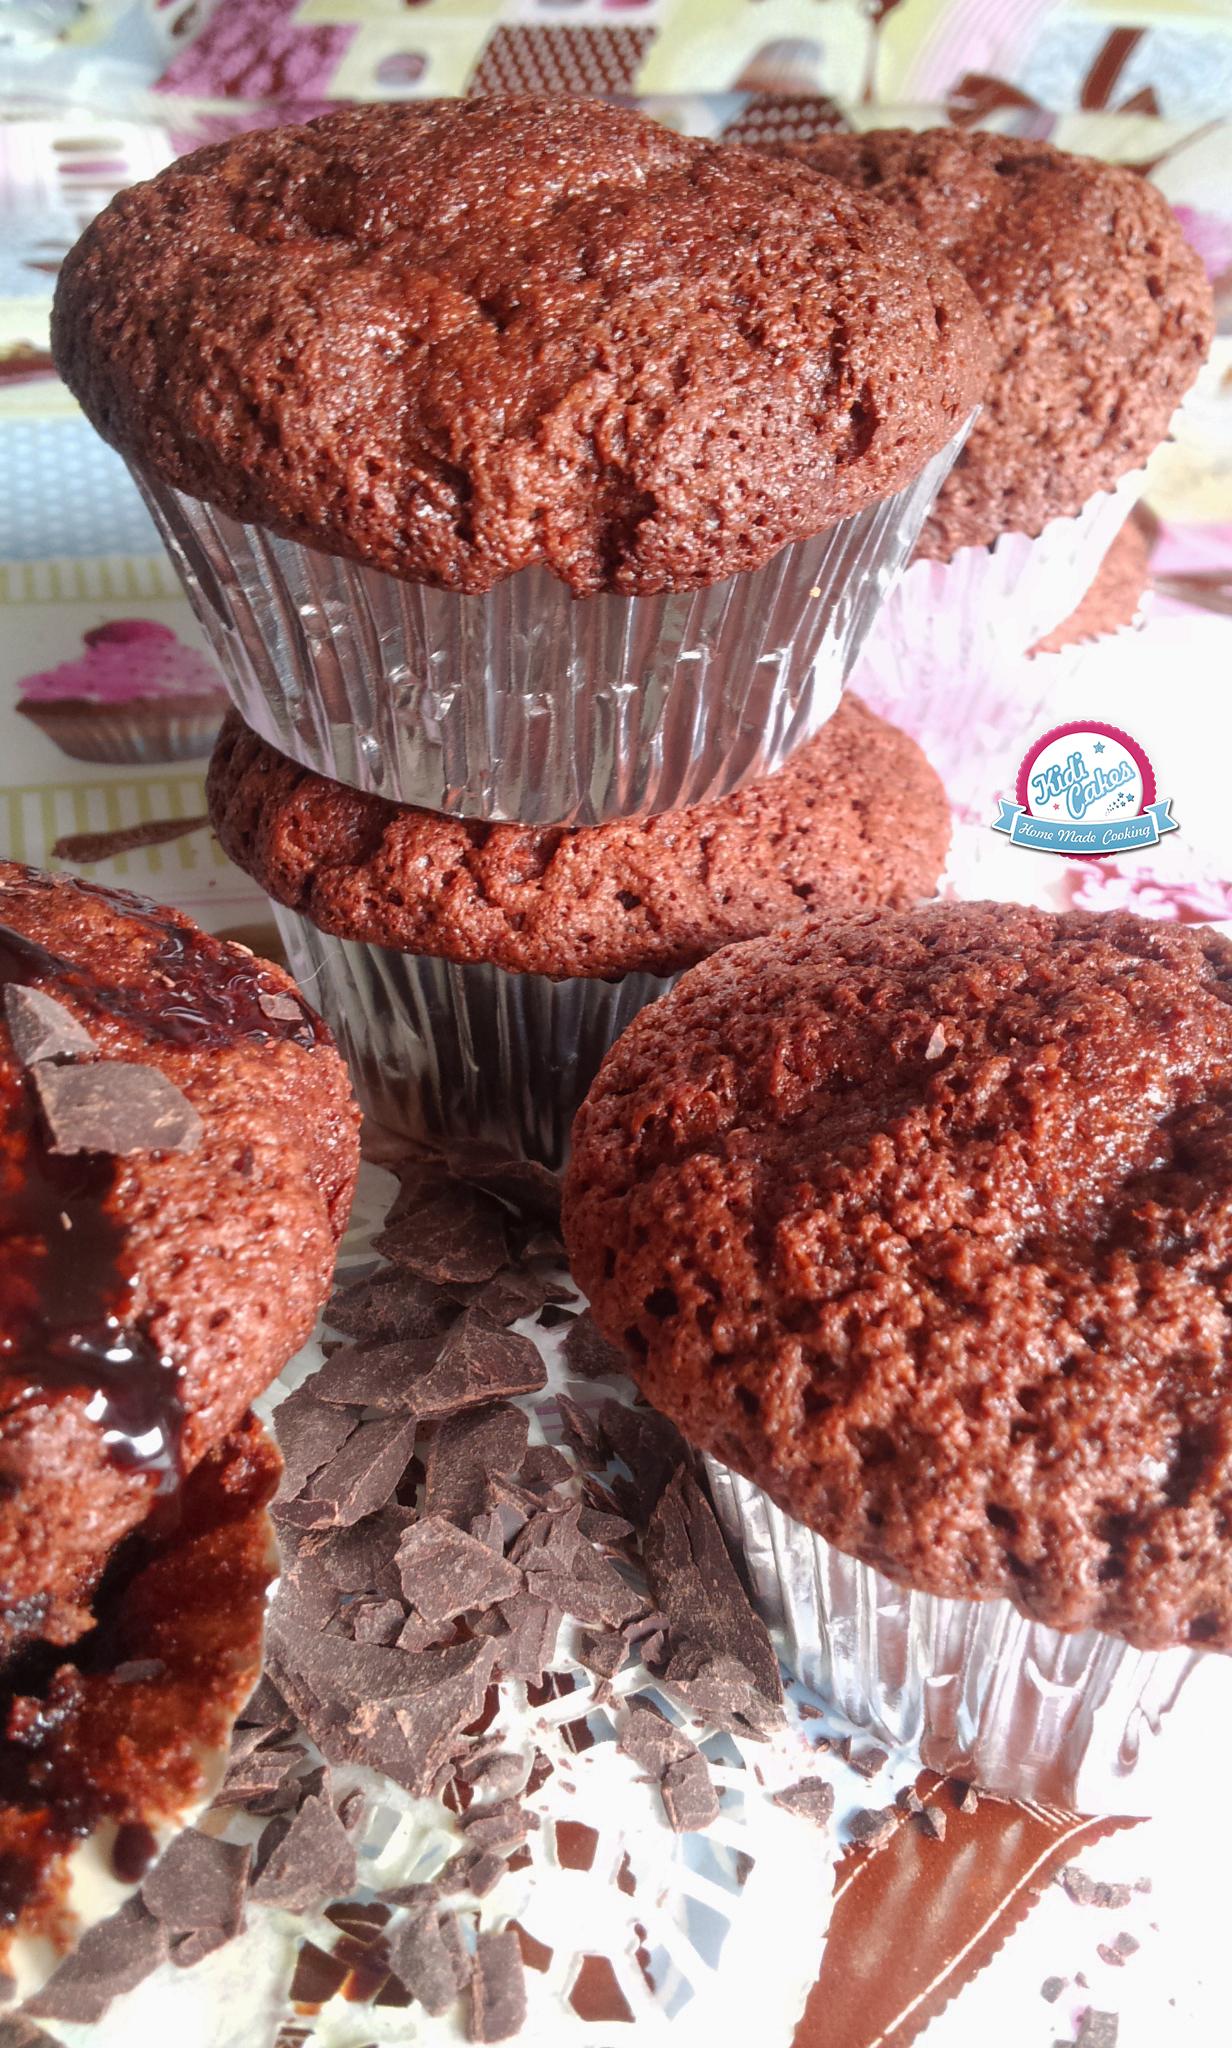 Muffin au chocolat une recette pour les amoureux de chocolat. Muffin au chocolat à tomber par terre, inspiration de la recette originale des muffins de la cuisine de bernard.